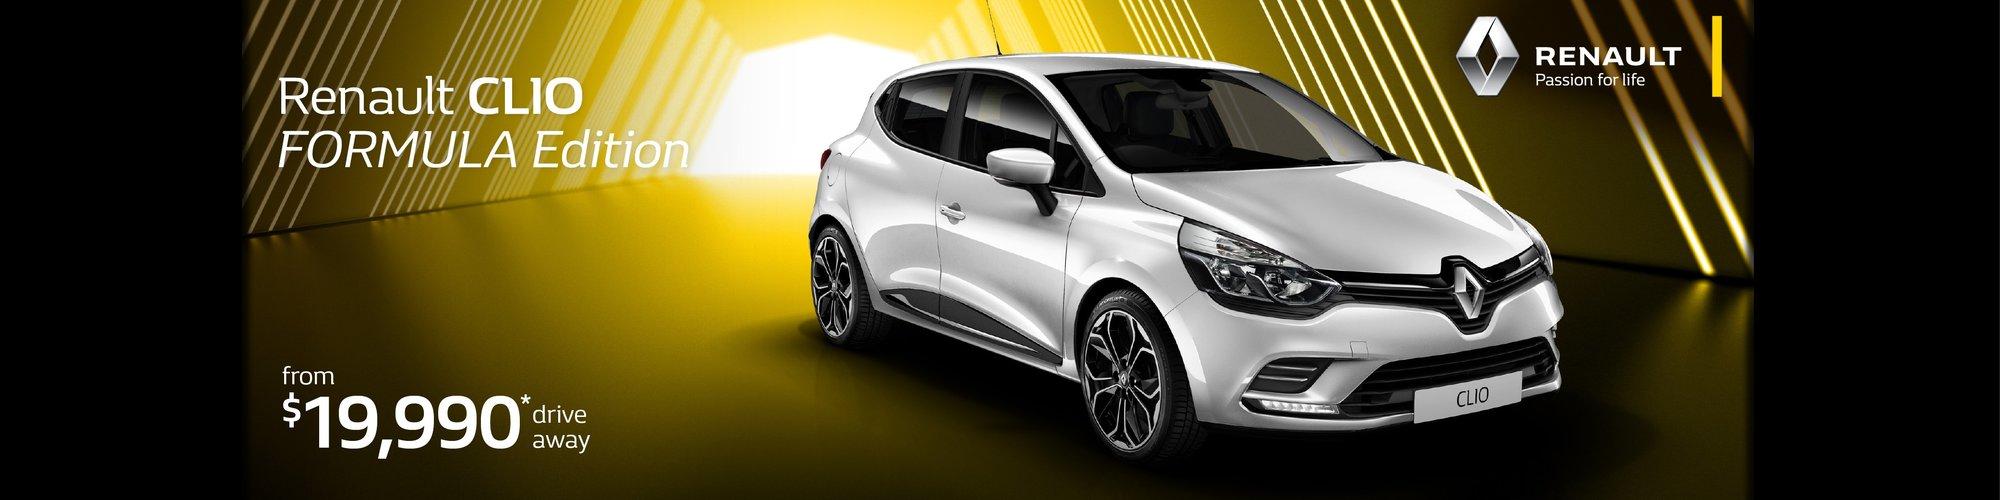 Renault Clio Formula edition